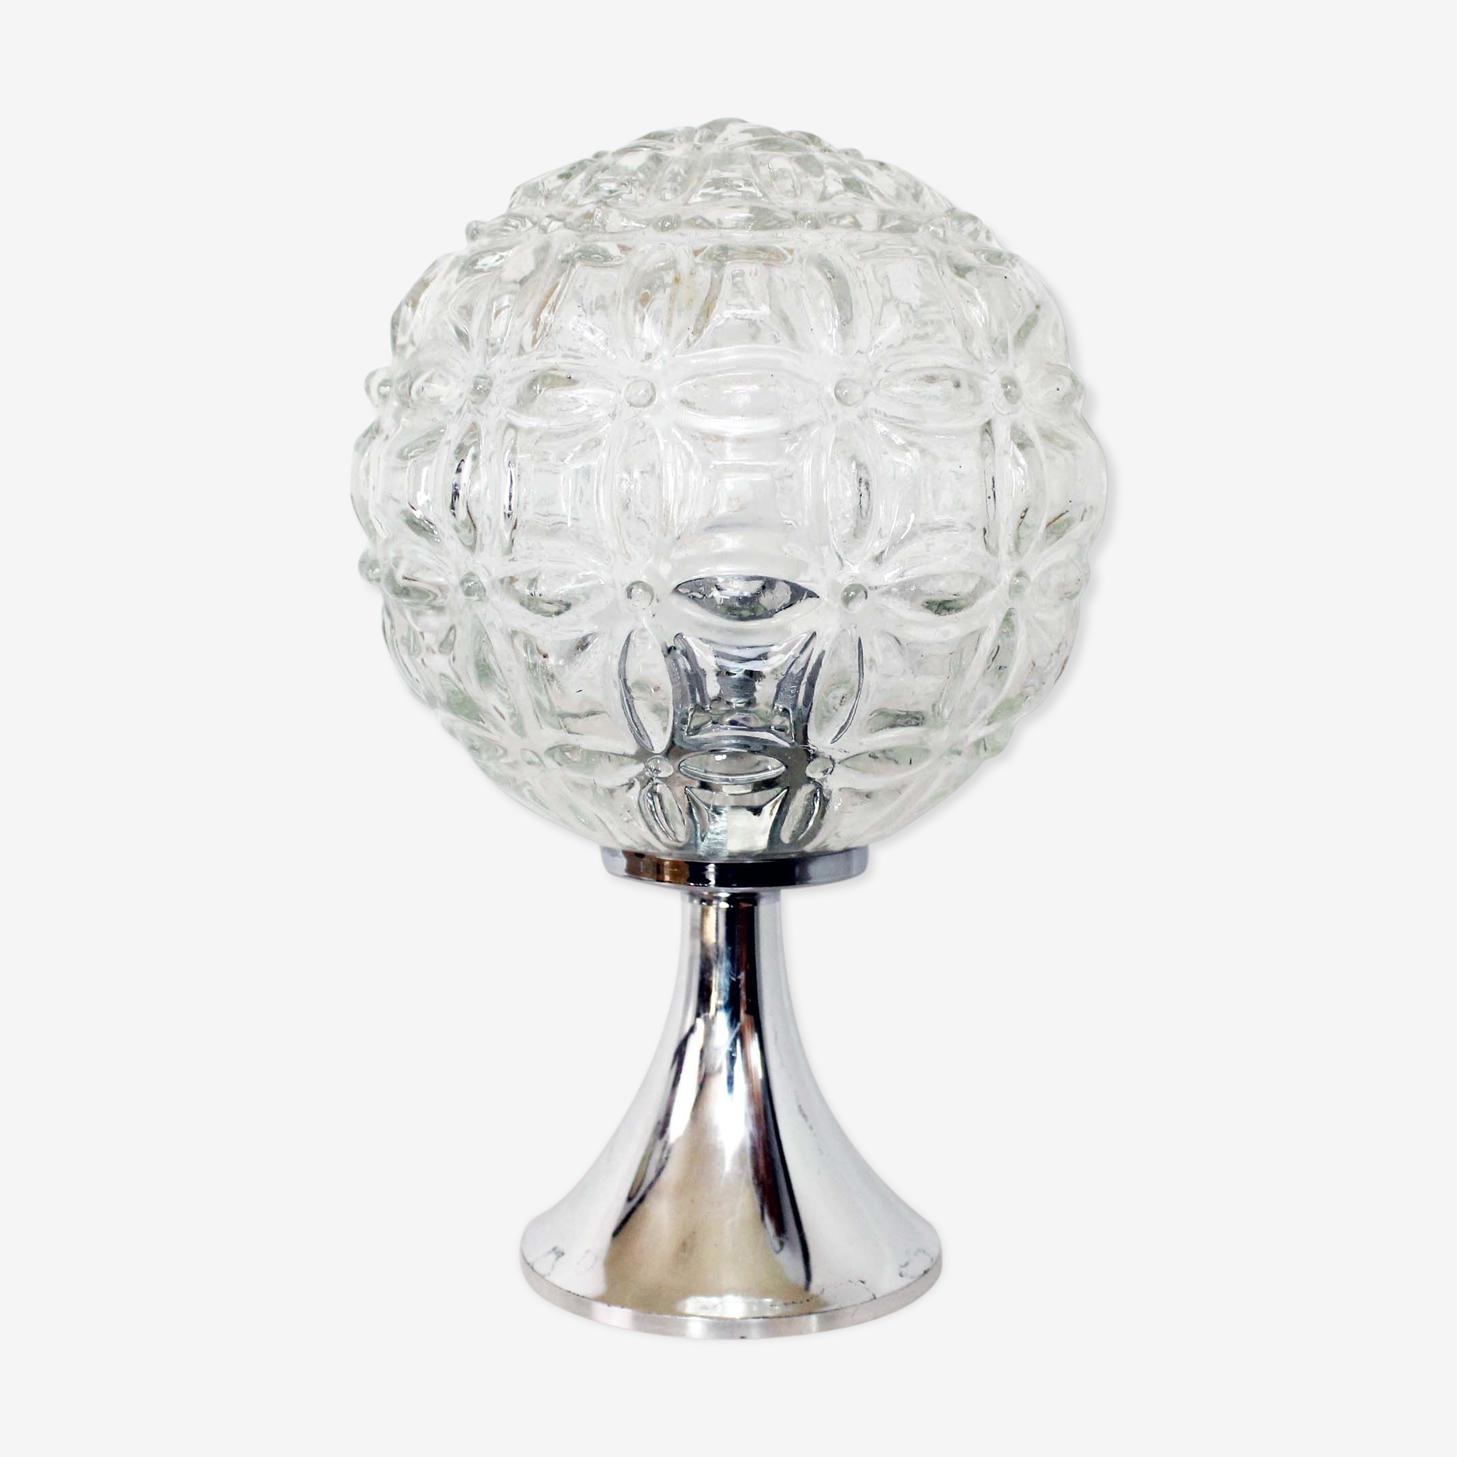 Table lamp Richard Essig